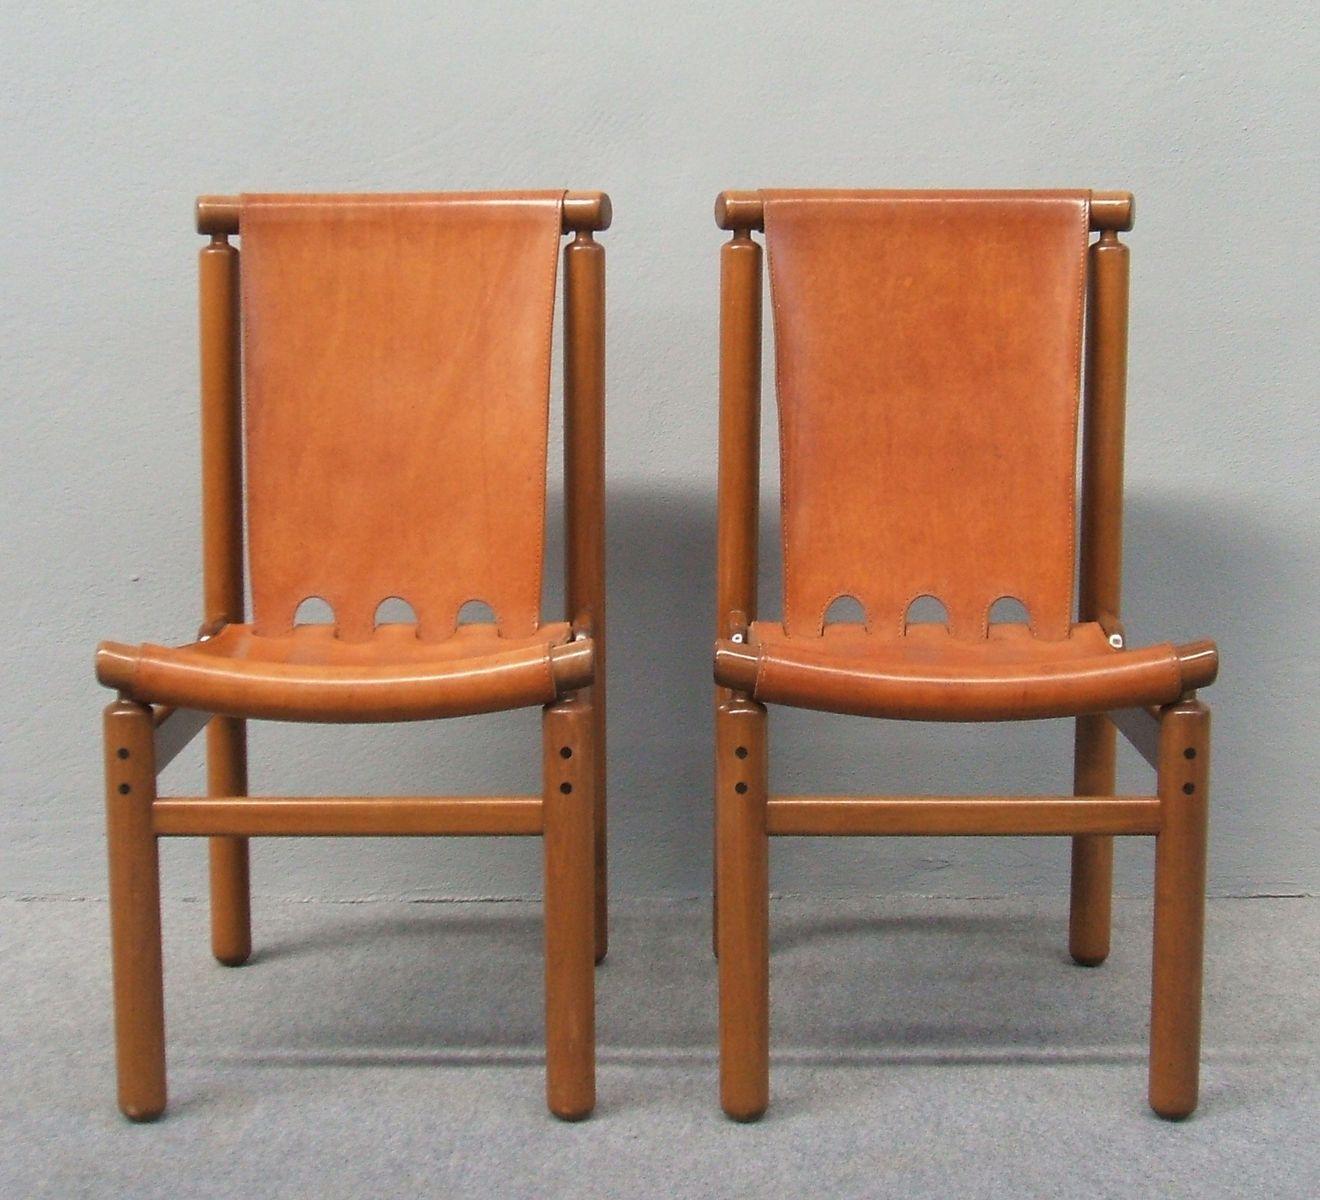 Side chairs by ilmari tapiovaara set of 2 for sale at pamono for Side chairs for sale